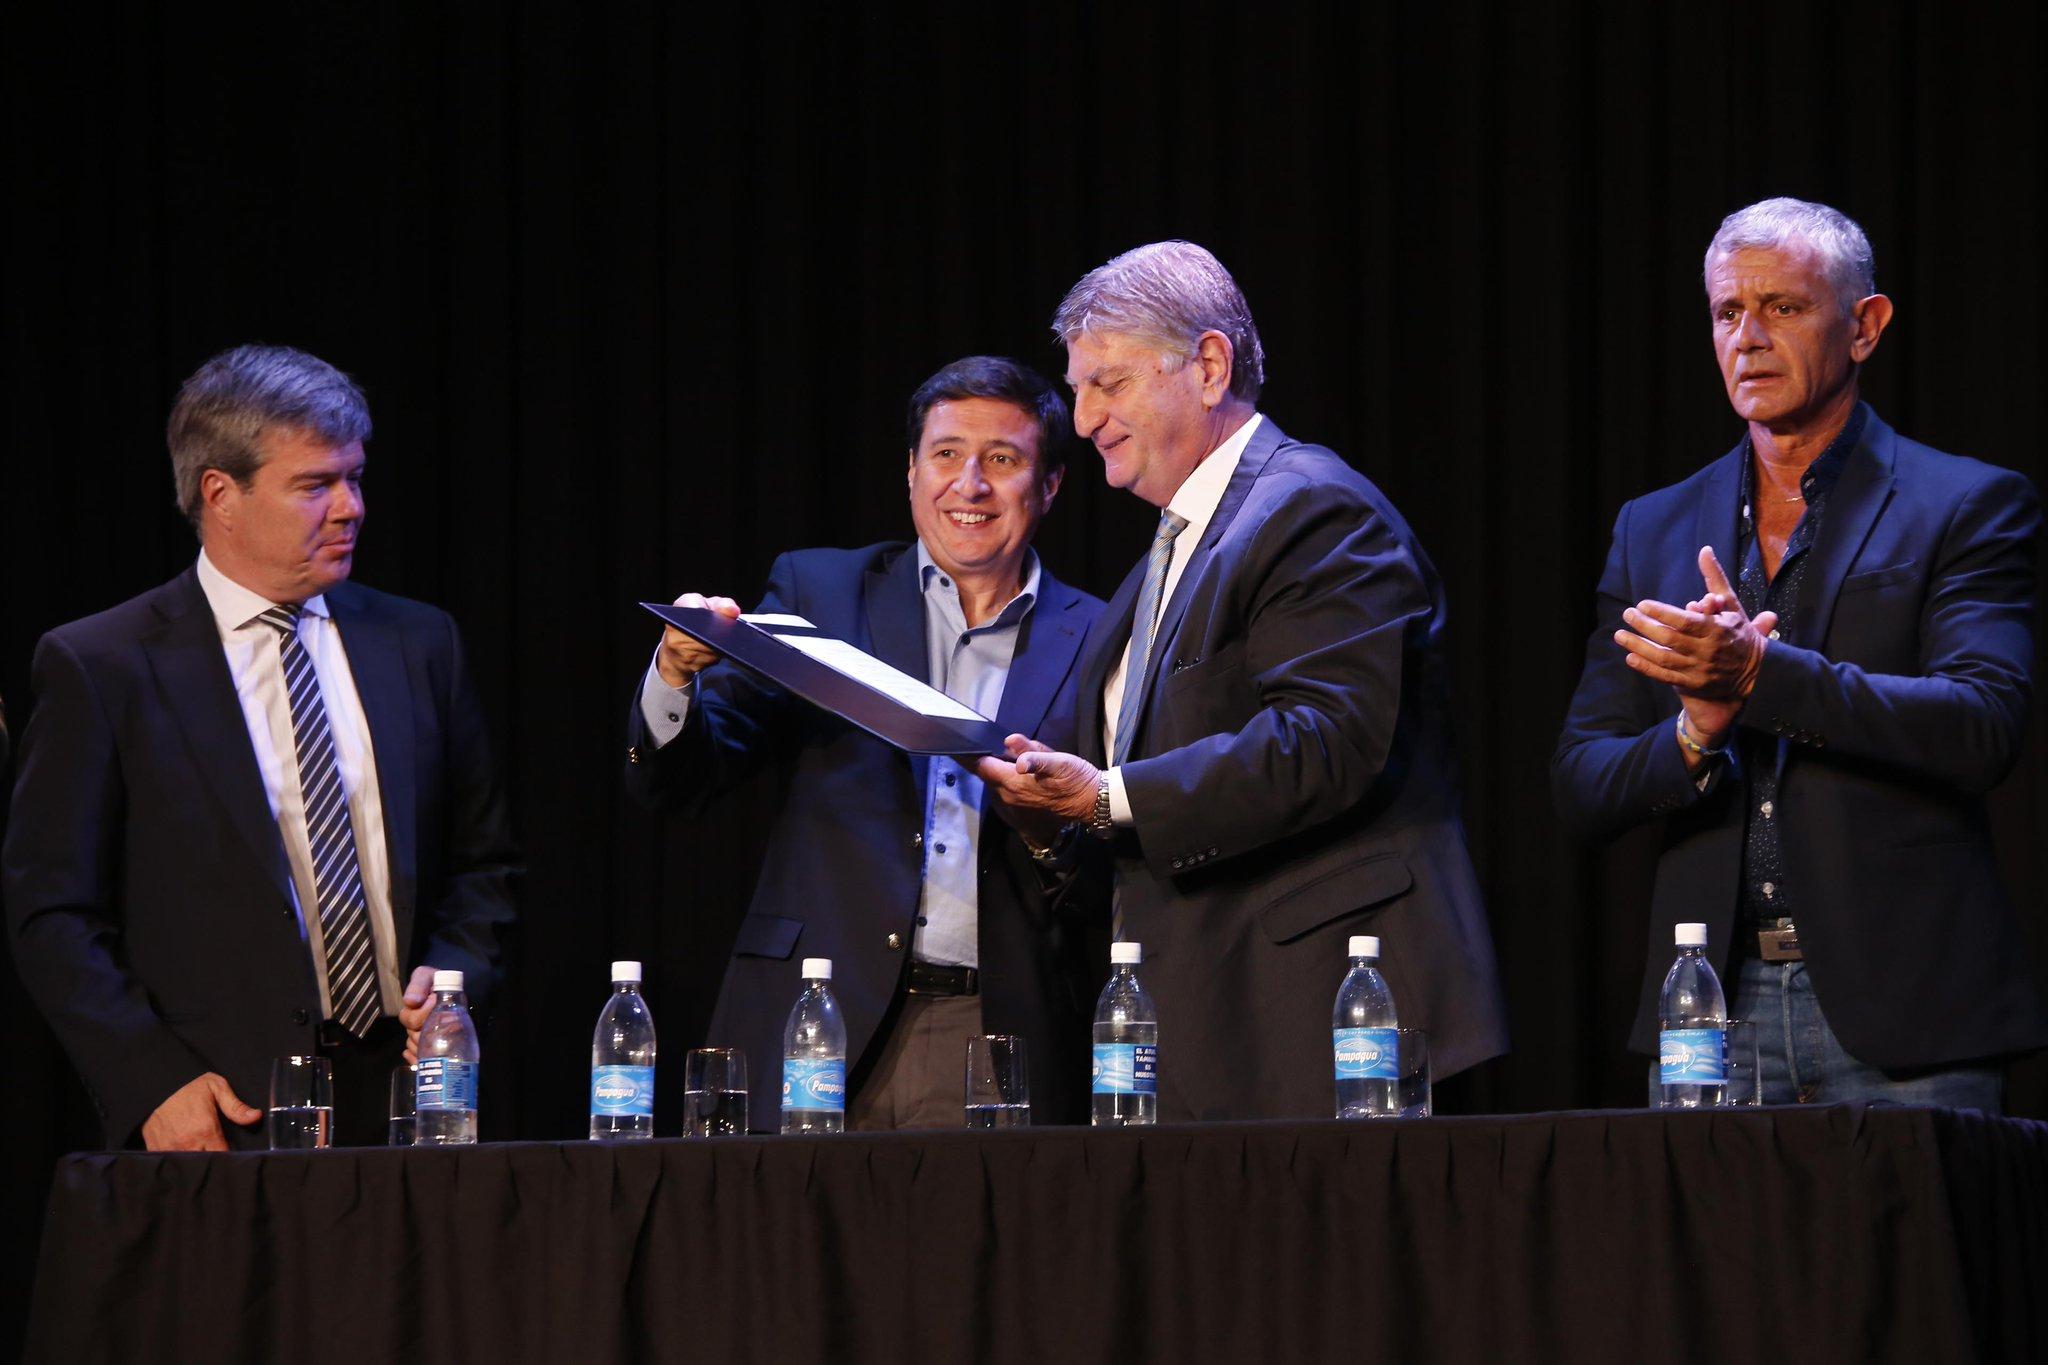 """Plan Nacional Argentina contra el Hambre: """"estamos yendo a una generación de chicos petisos y obesos, por malnutrición"""", afirmó el ministro Arroyo"""